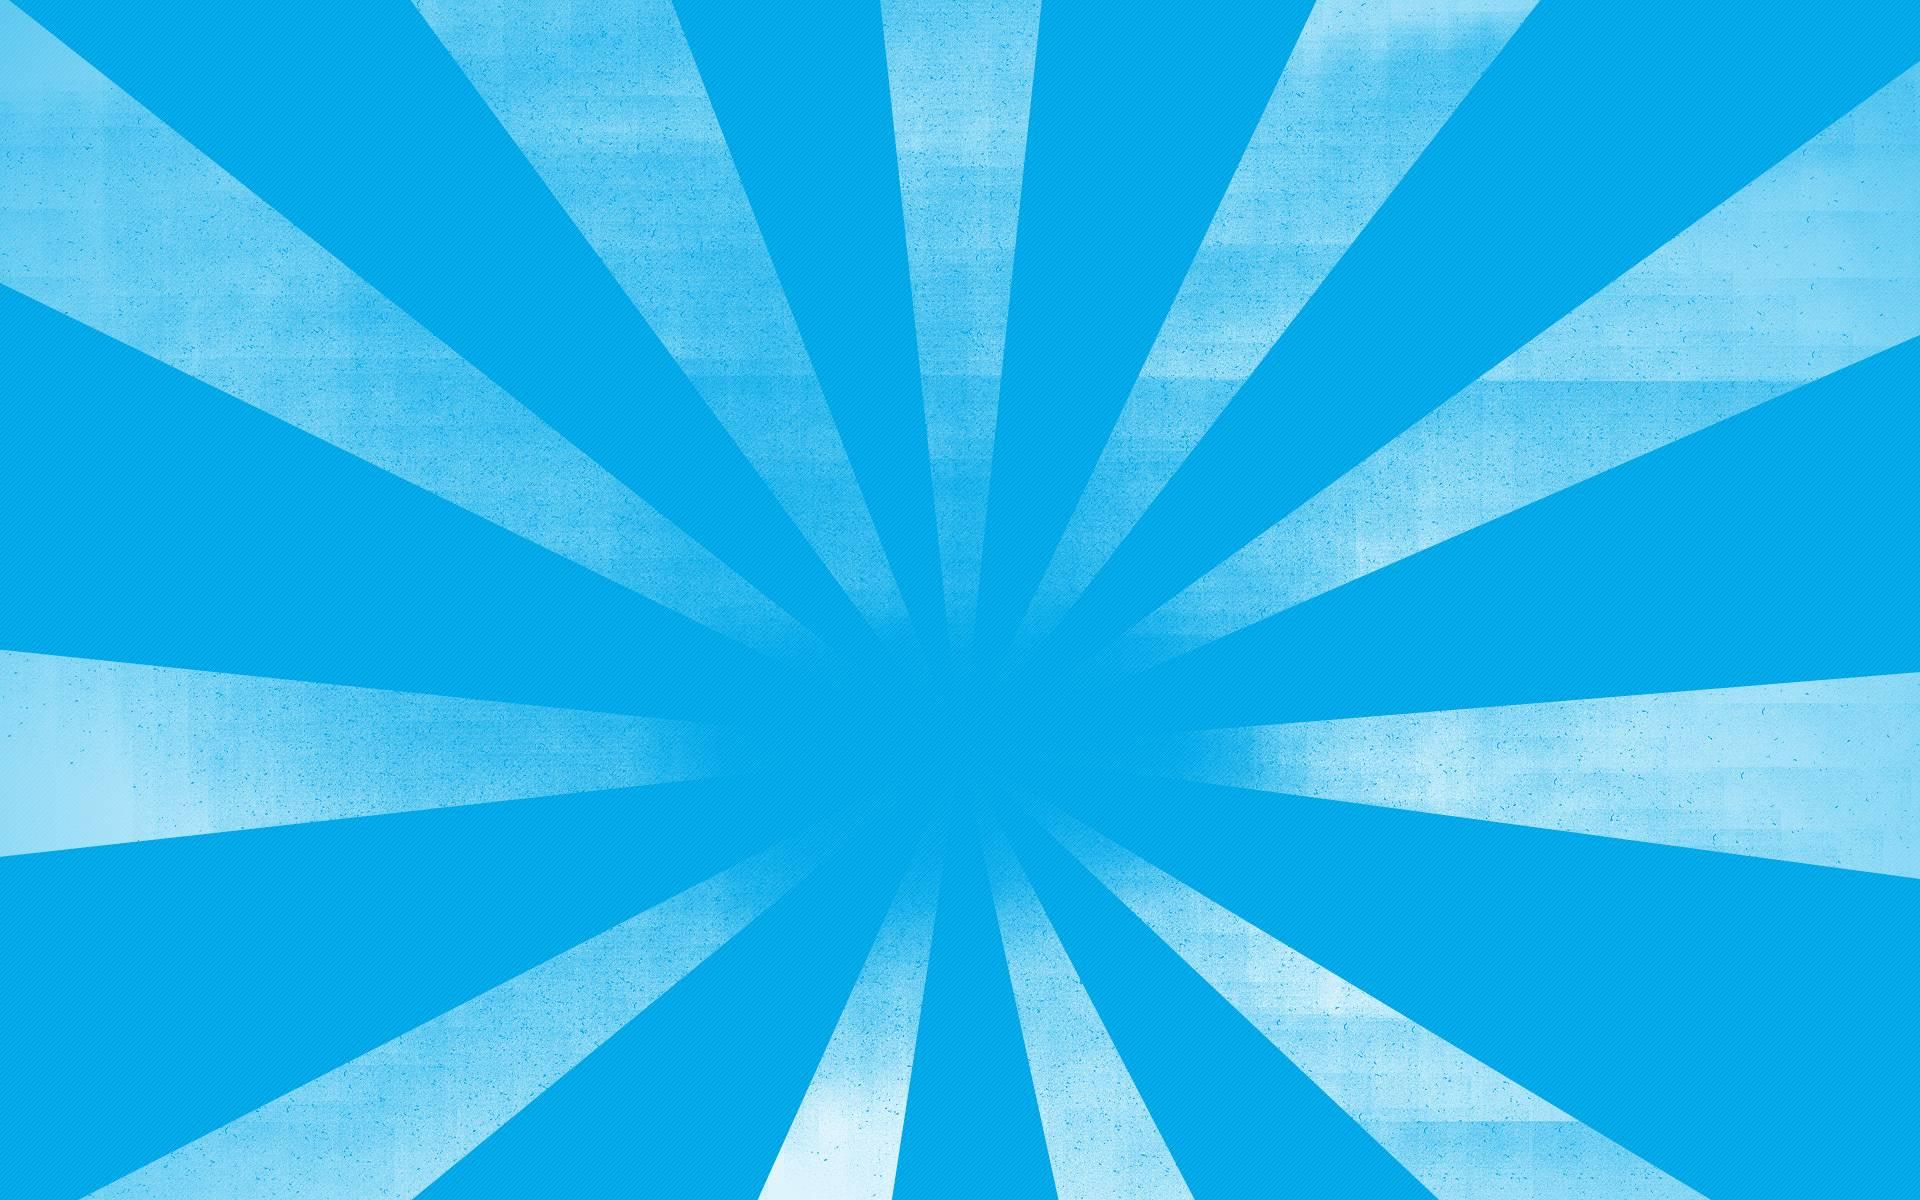 3d Wallpapers Abstract Desktop Backgrounds Light Blue Wallpaper Backgrounds Pixelstalk Net